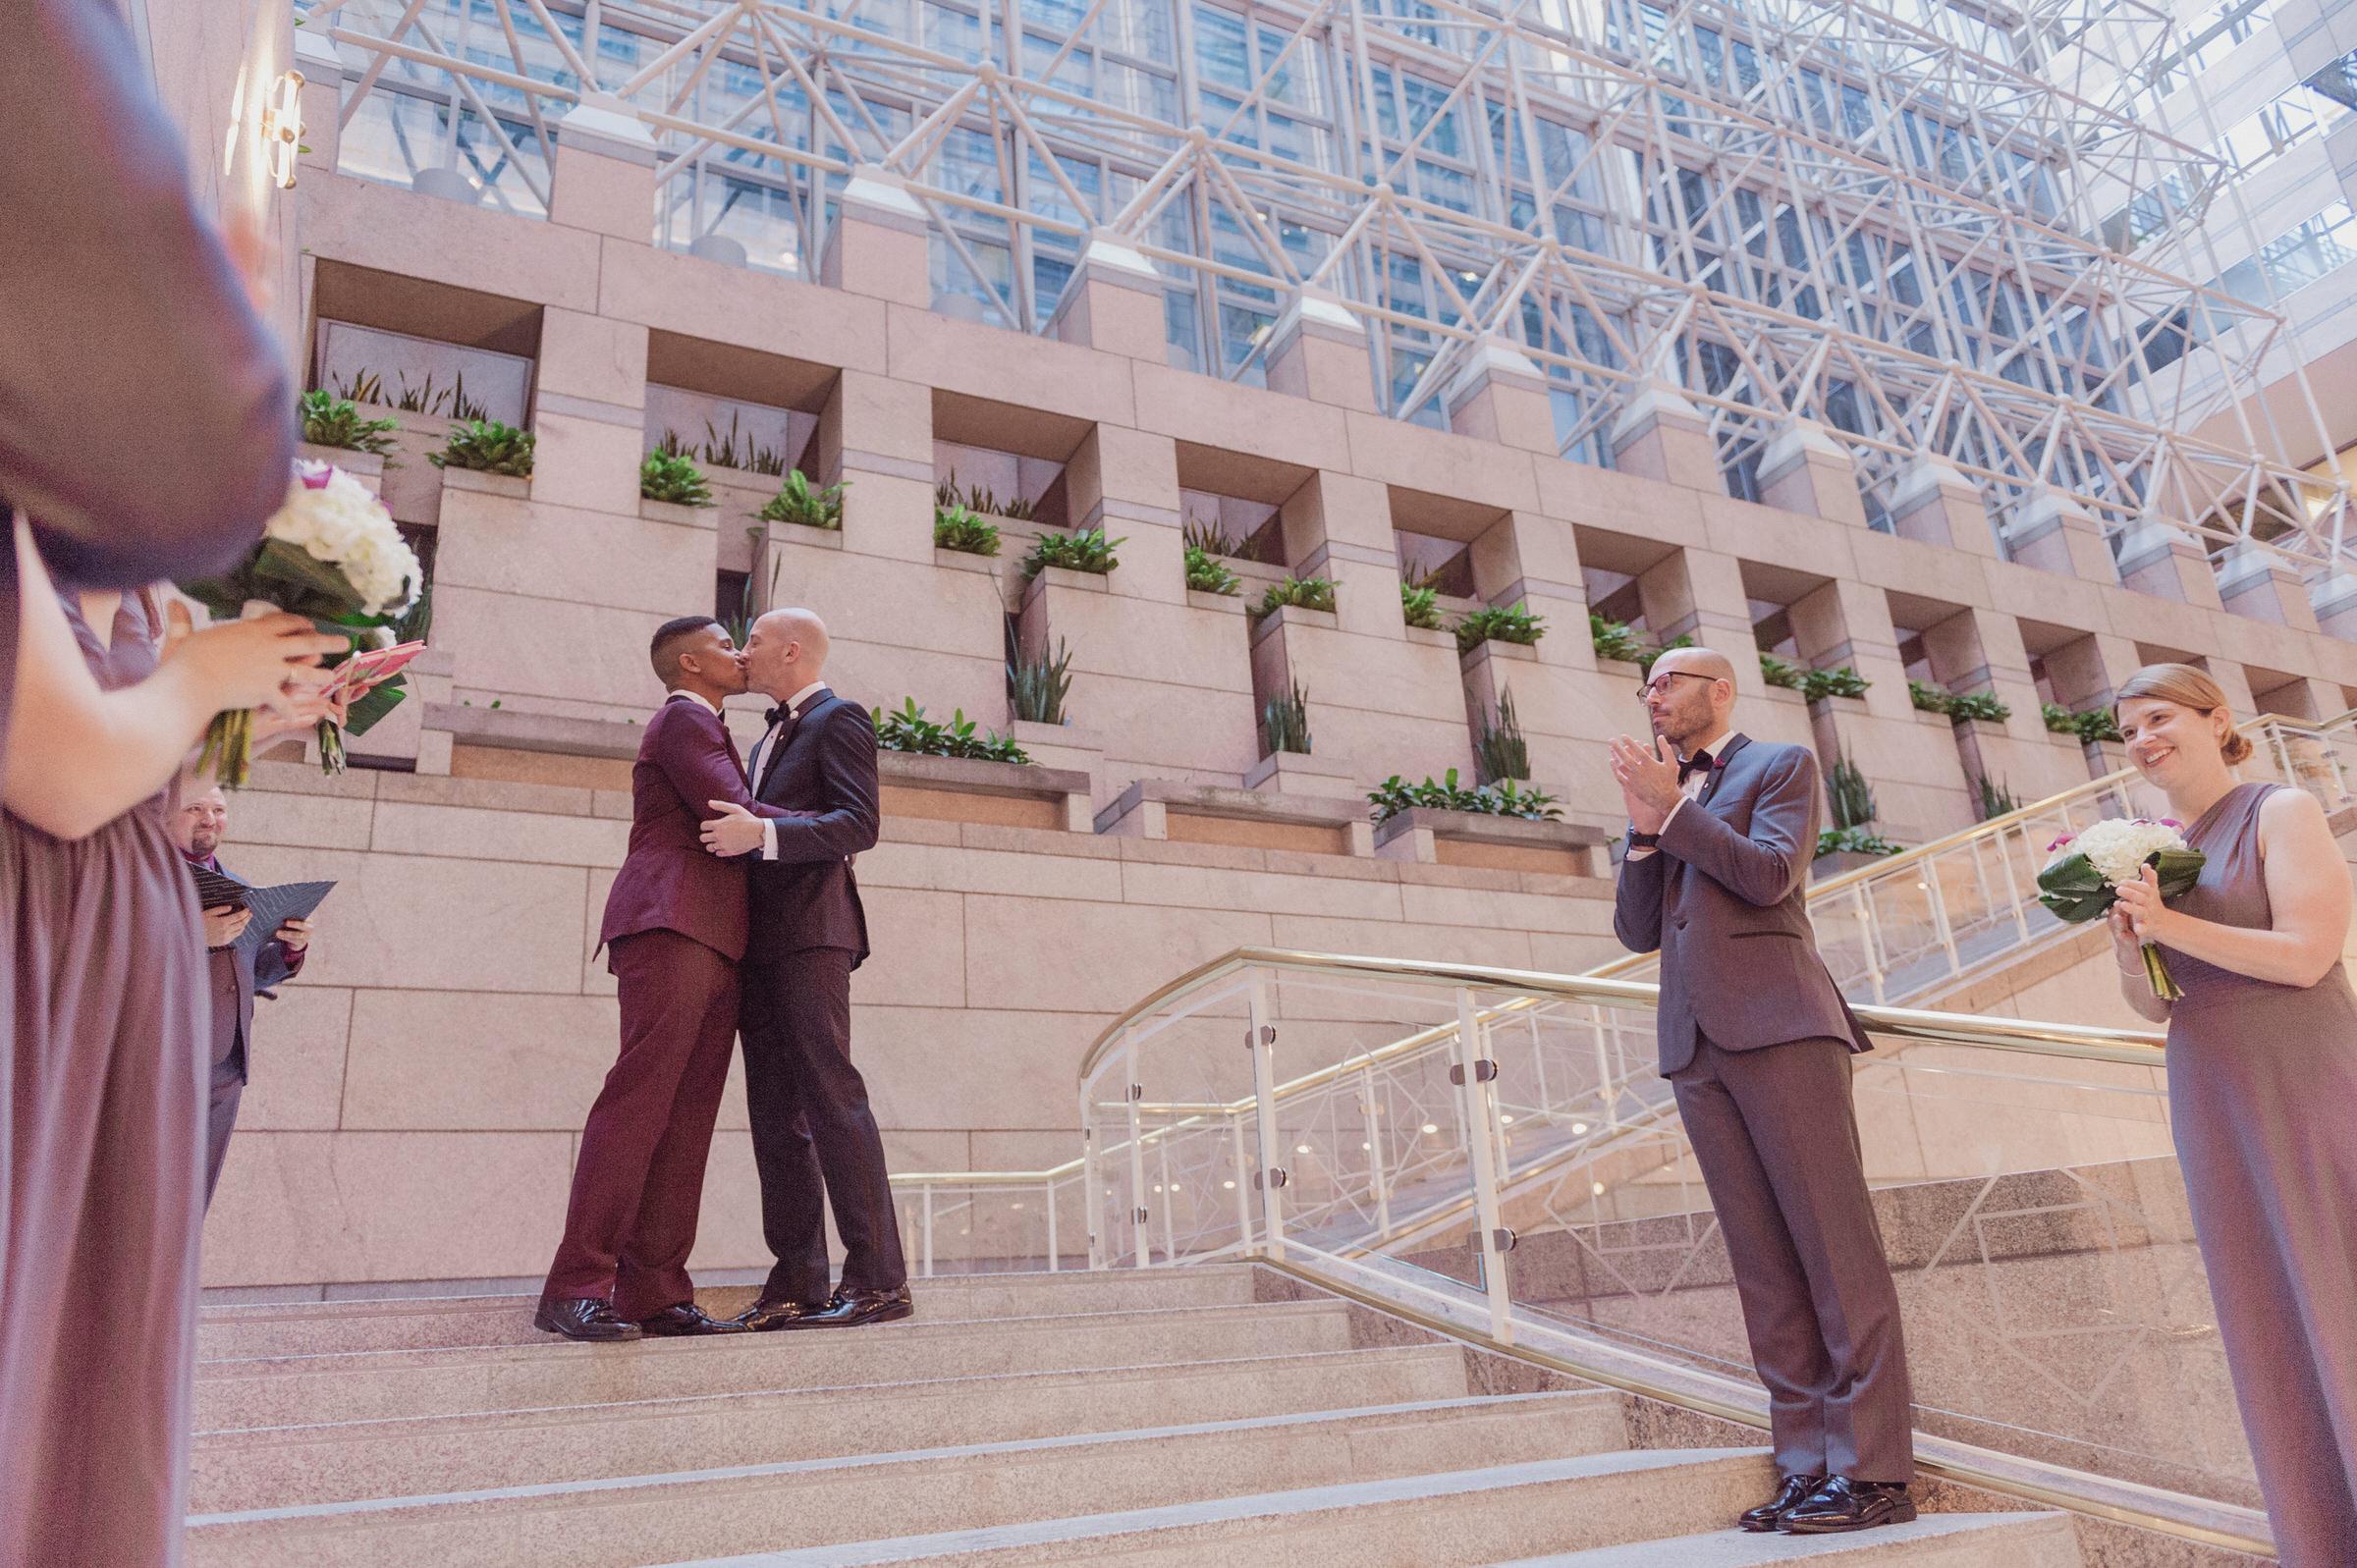 39-City-Club-DC-LGBT-Gay-wedding-ceremony